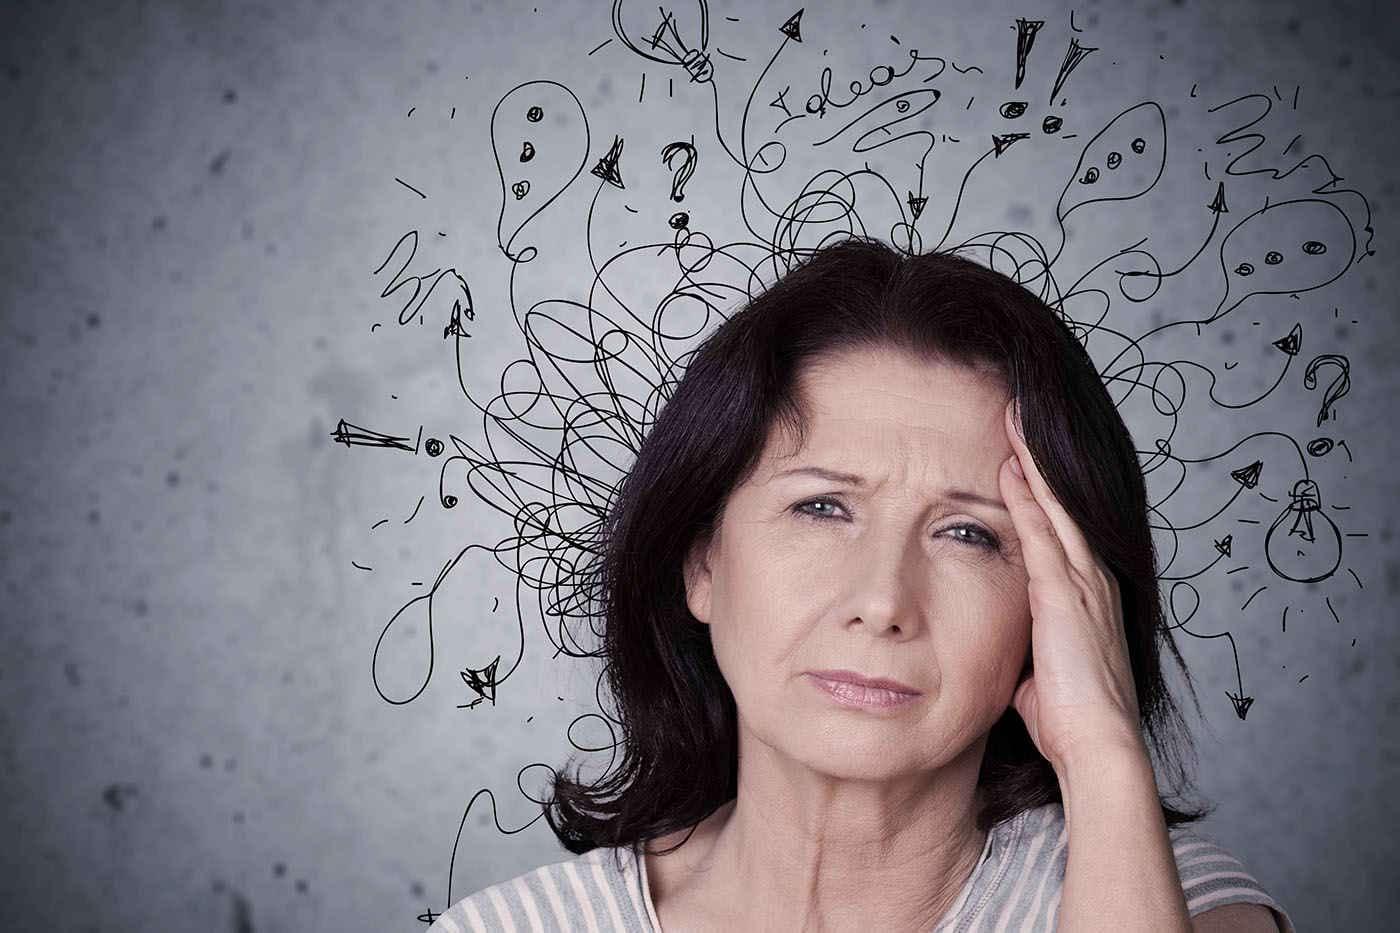 Stres sau anxietate: știi cu ce te confrunți?